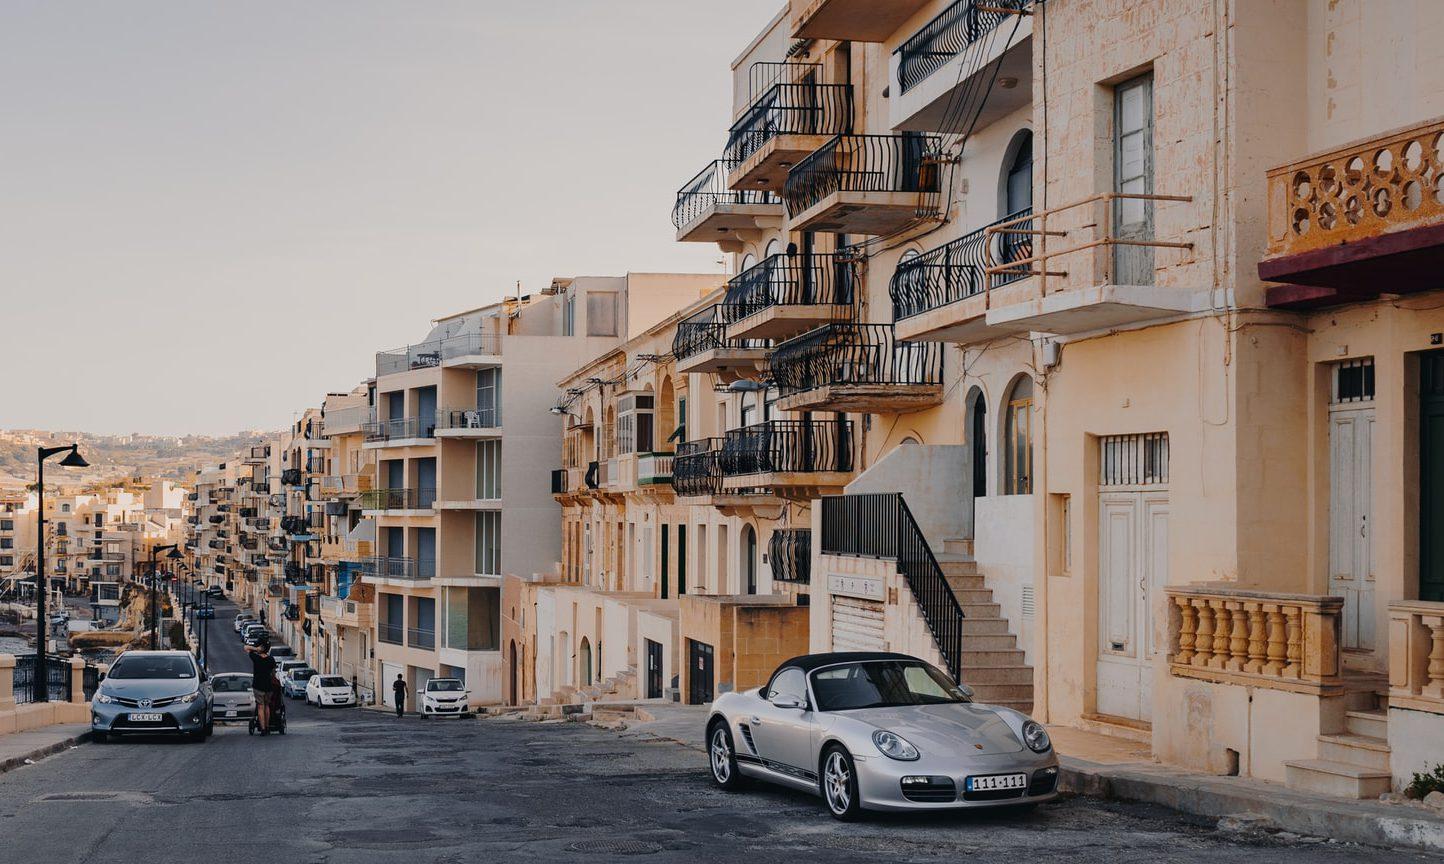 Malta streetscape / apartments / flats